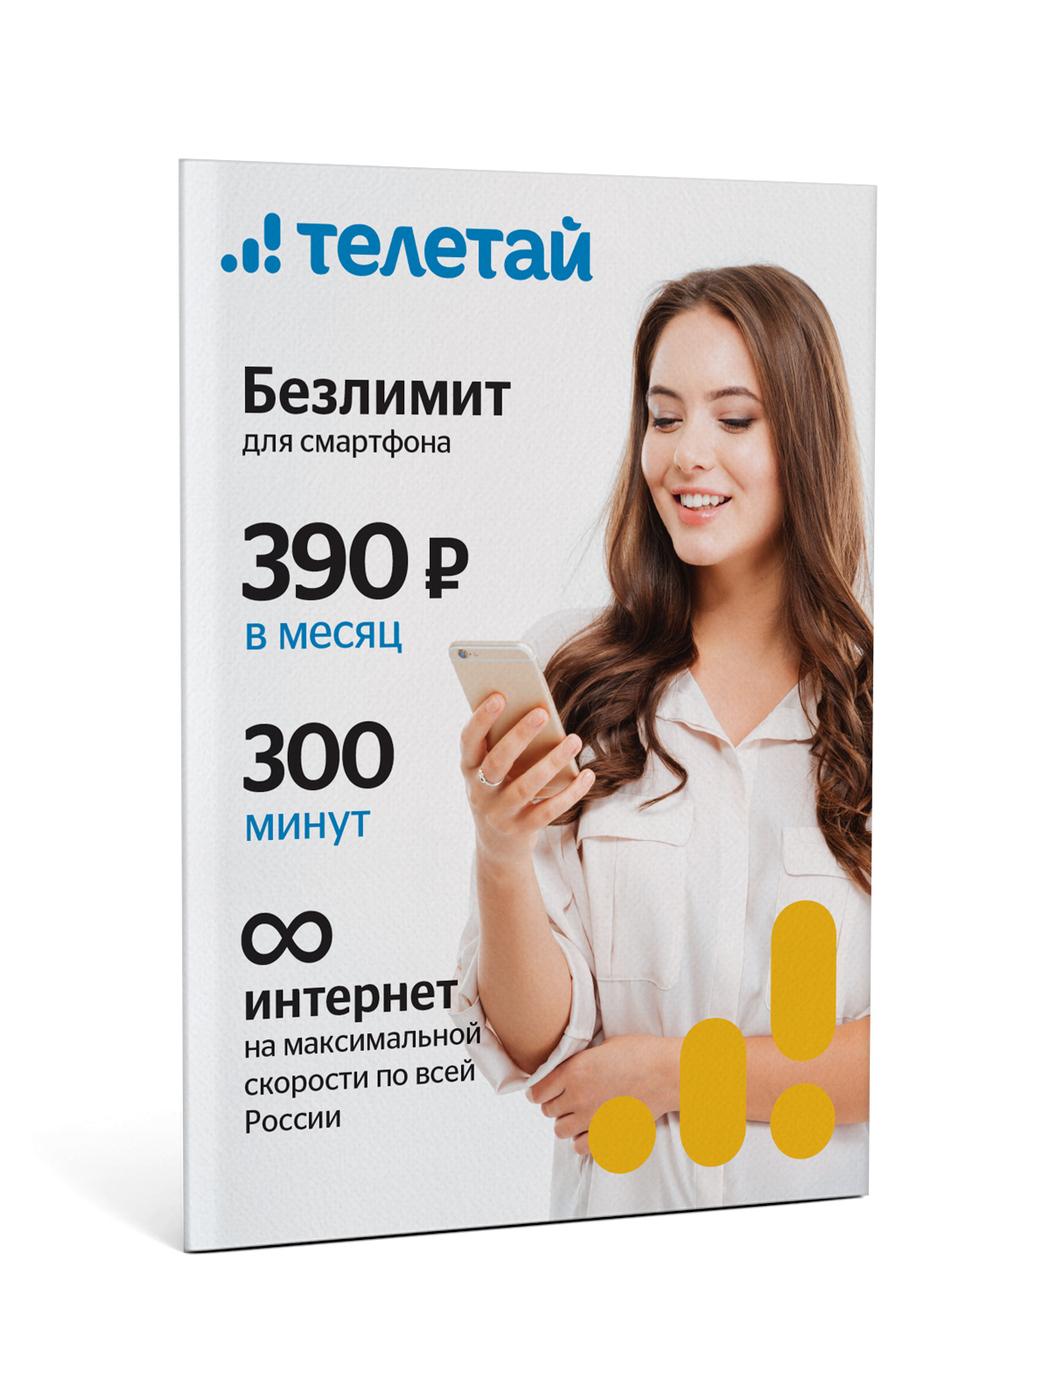 тариф для телефона, sim-карта телетай (вся россия)